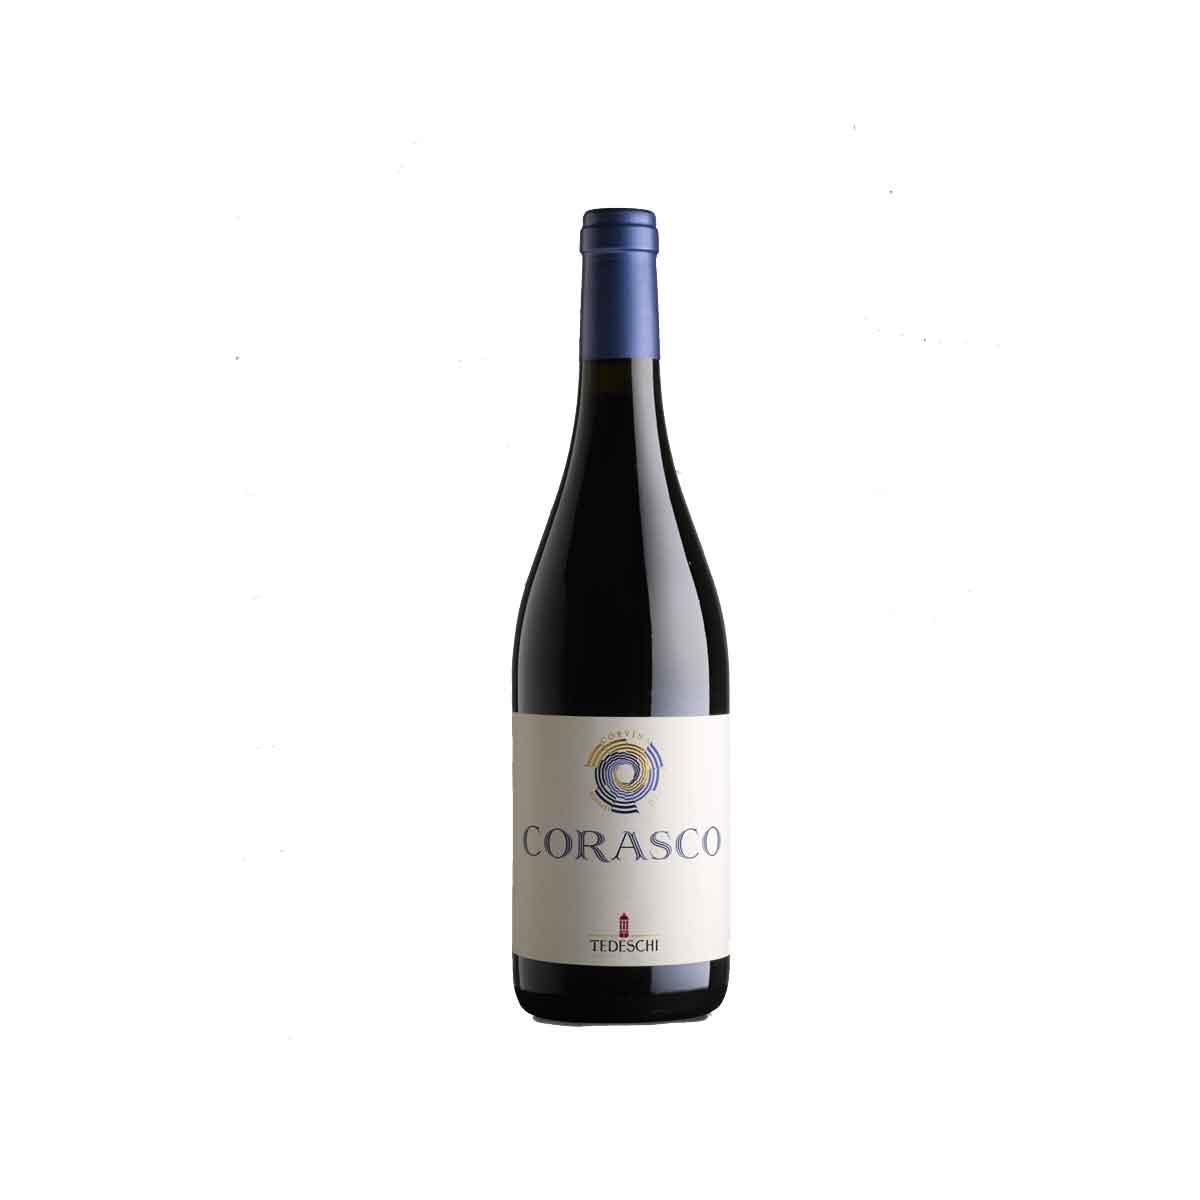 Corasco Rosso delle Venezie, E-commerce Vini Privilege Wine